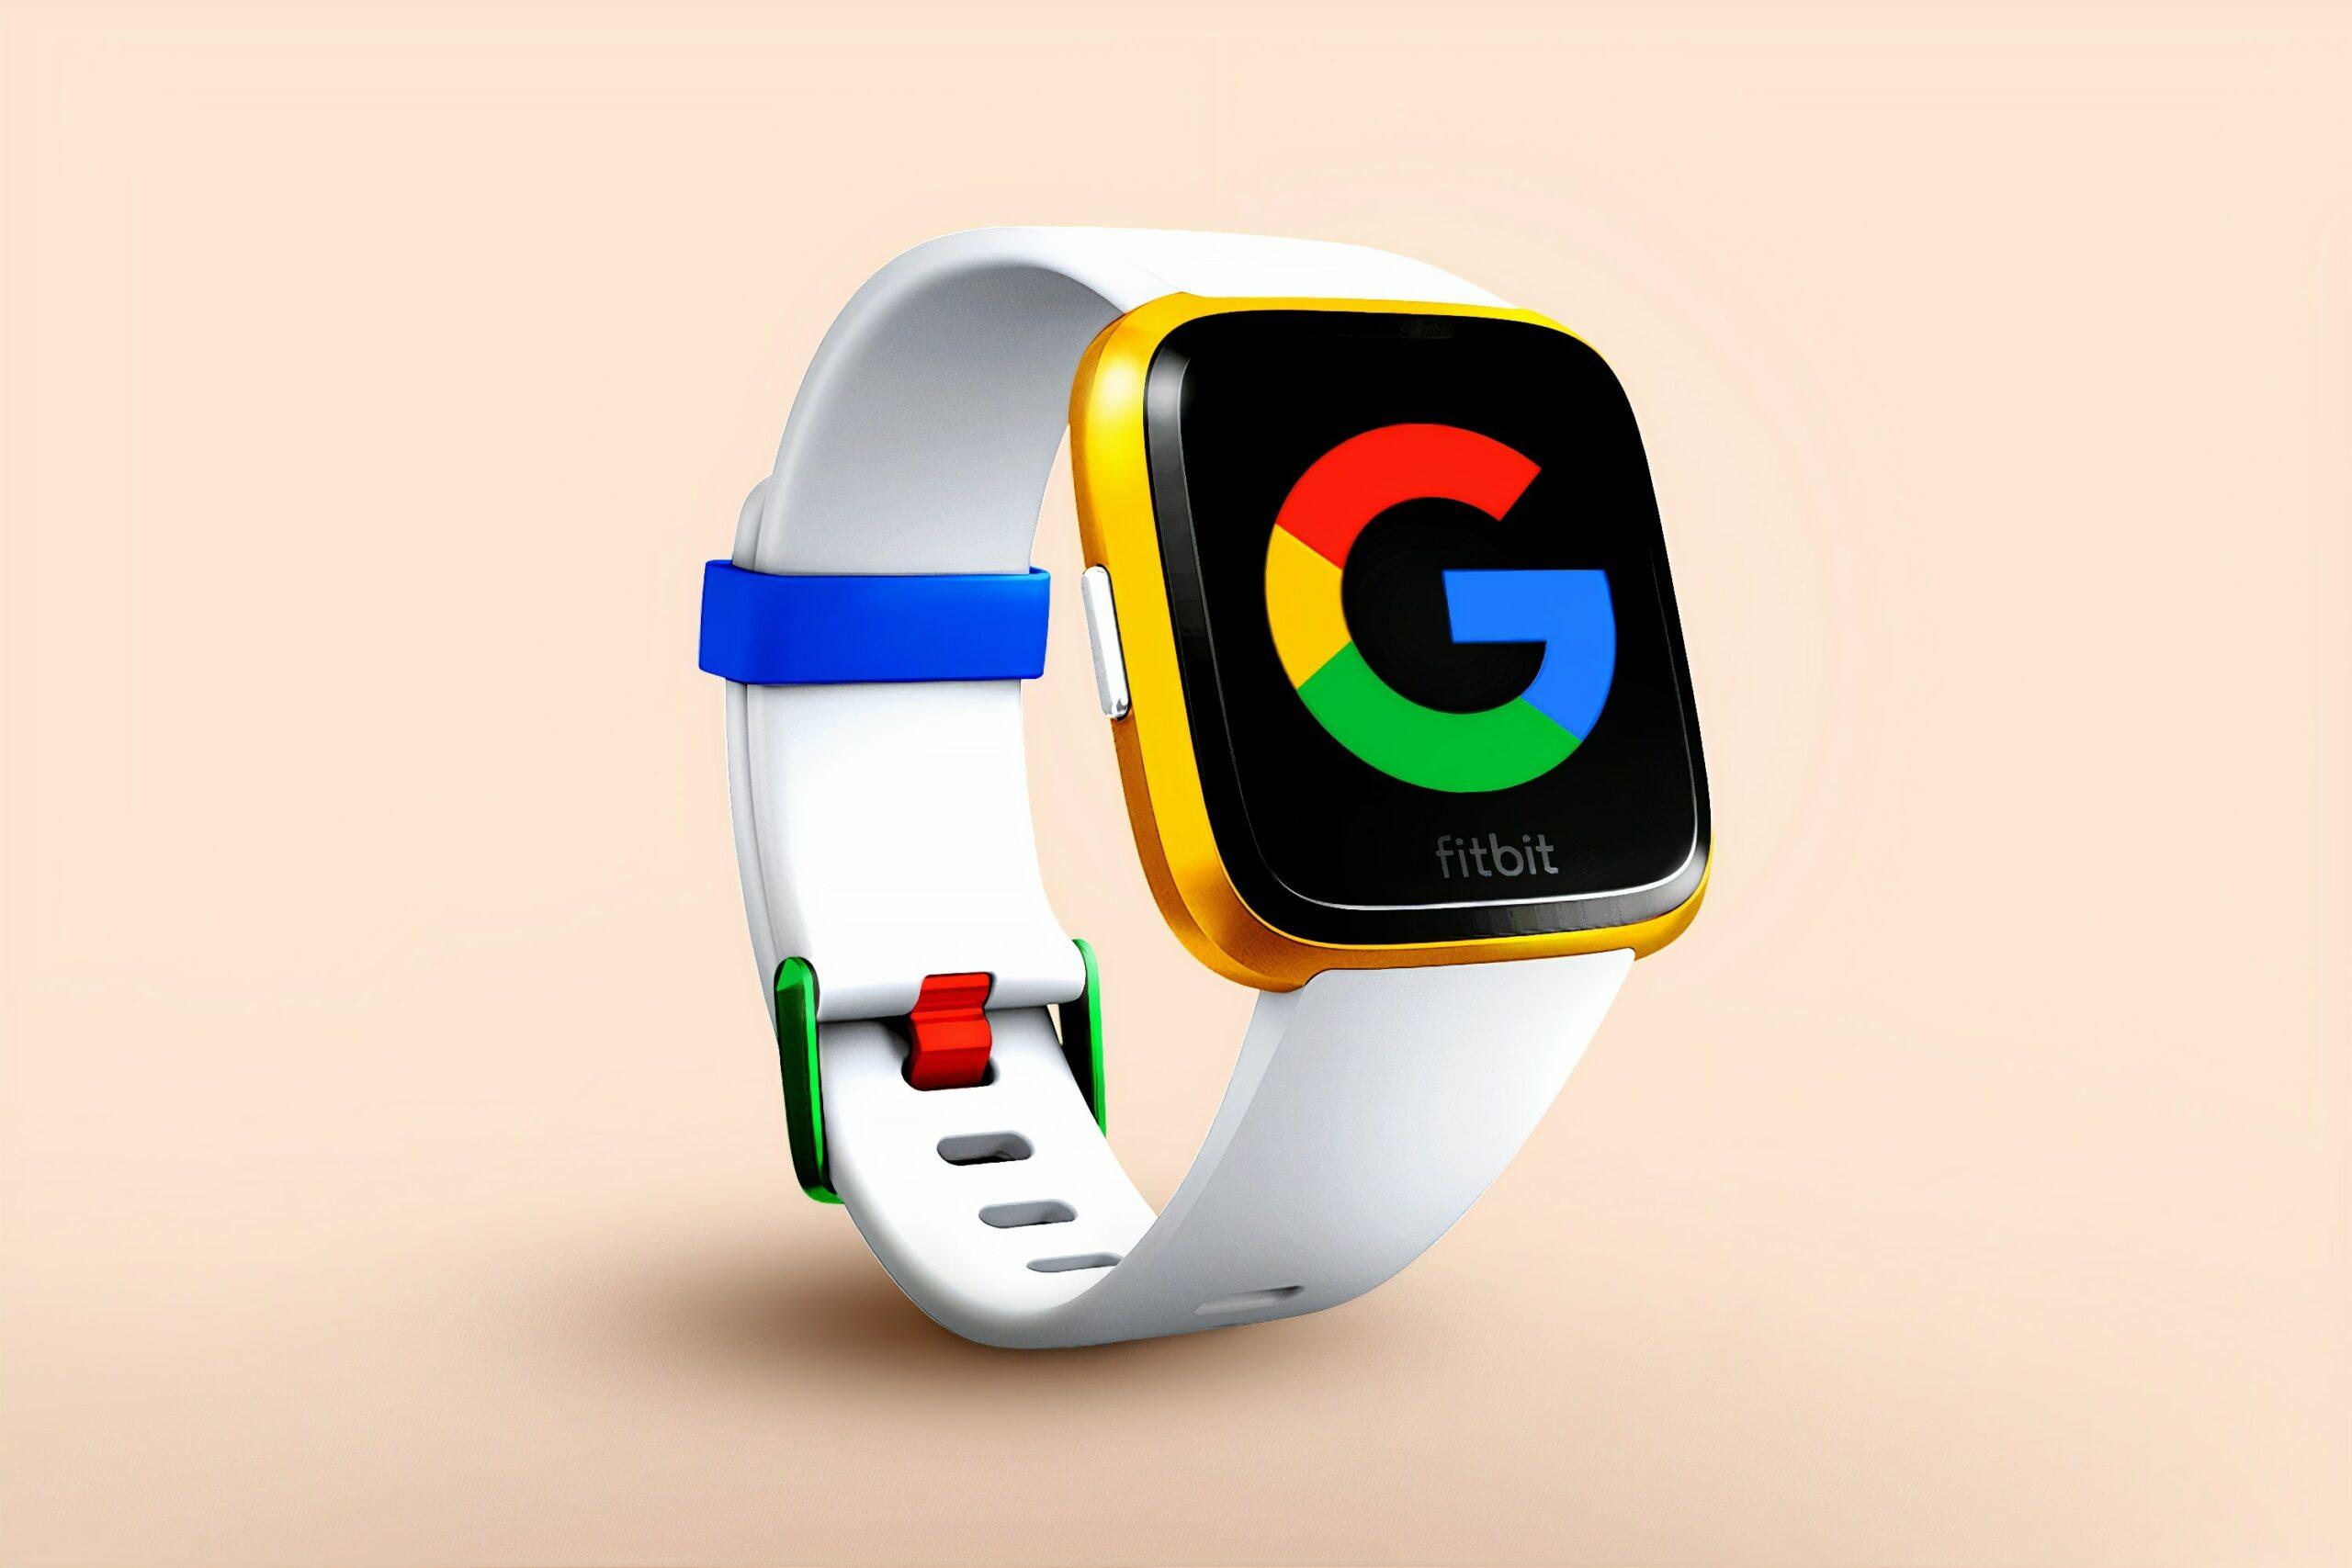 Fitbit představuje novinky s podporou Google služeb